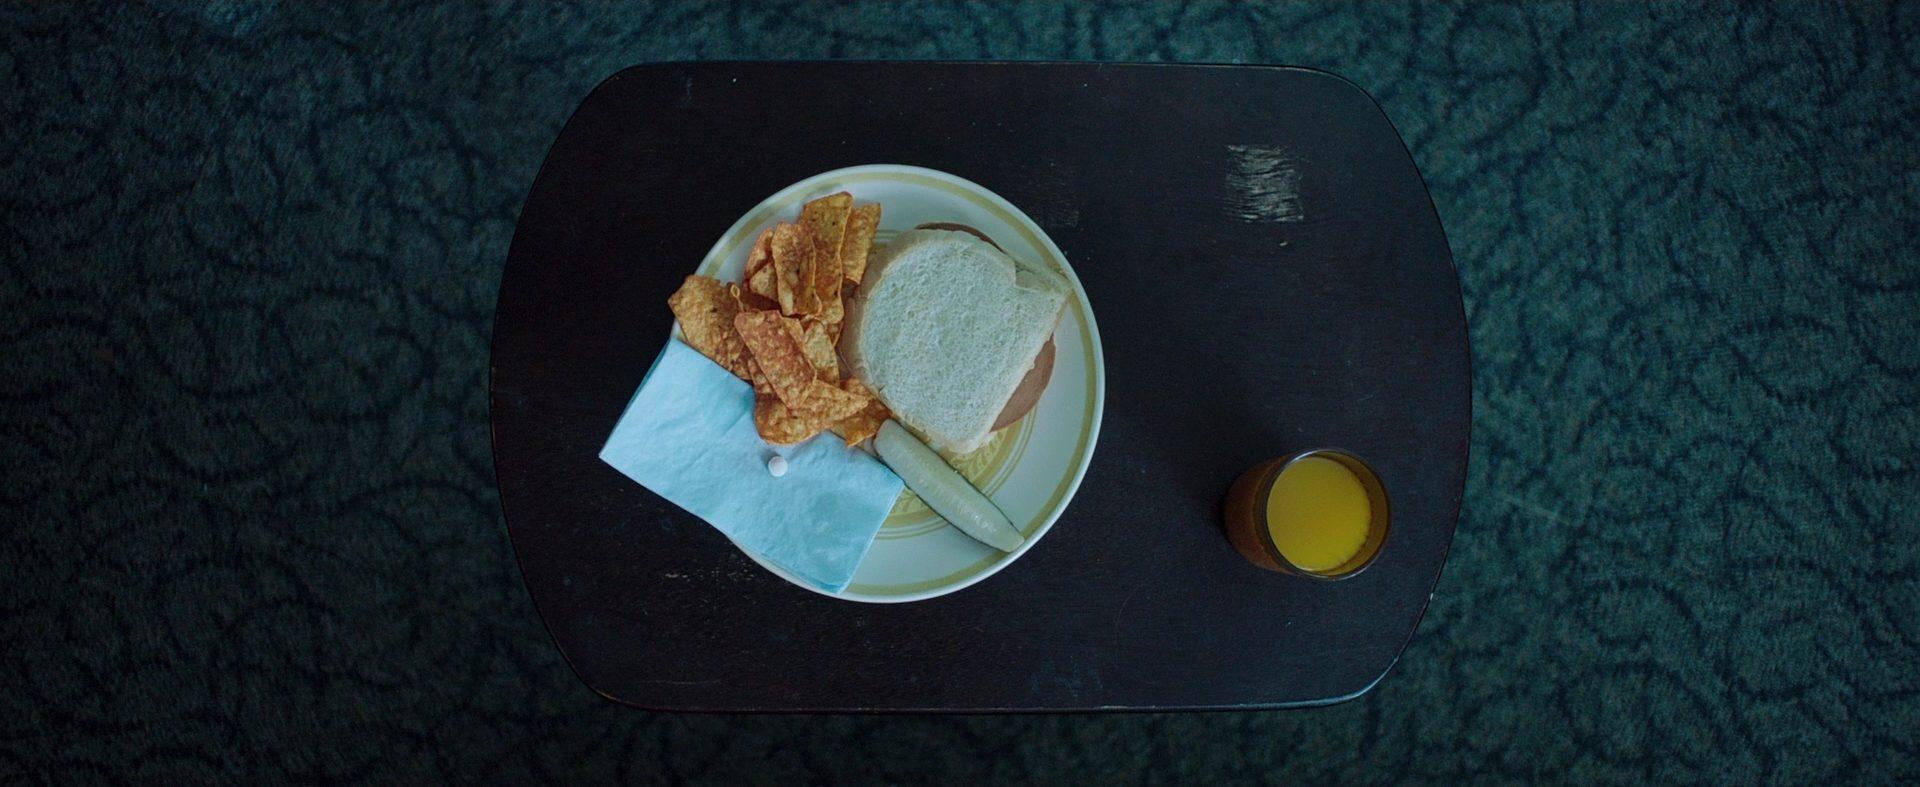 Cena do filme Corrente do Mal, também conhecido como It Follows. A cena mostra uma prato de comida sobre uma mesa preta.